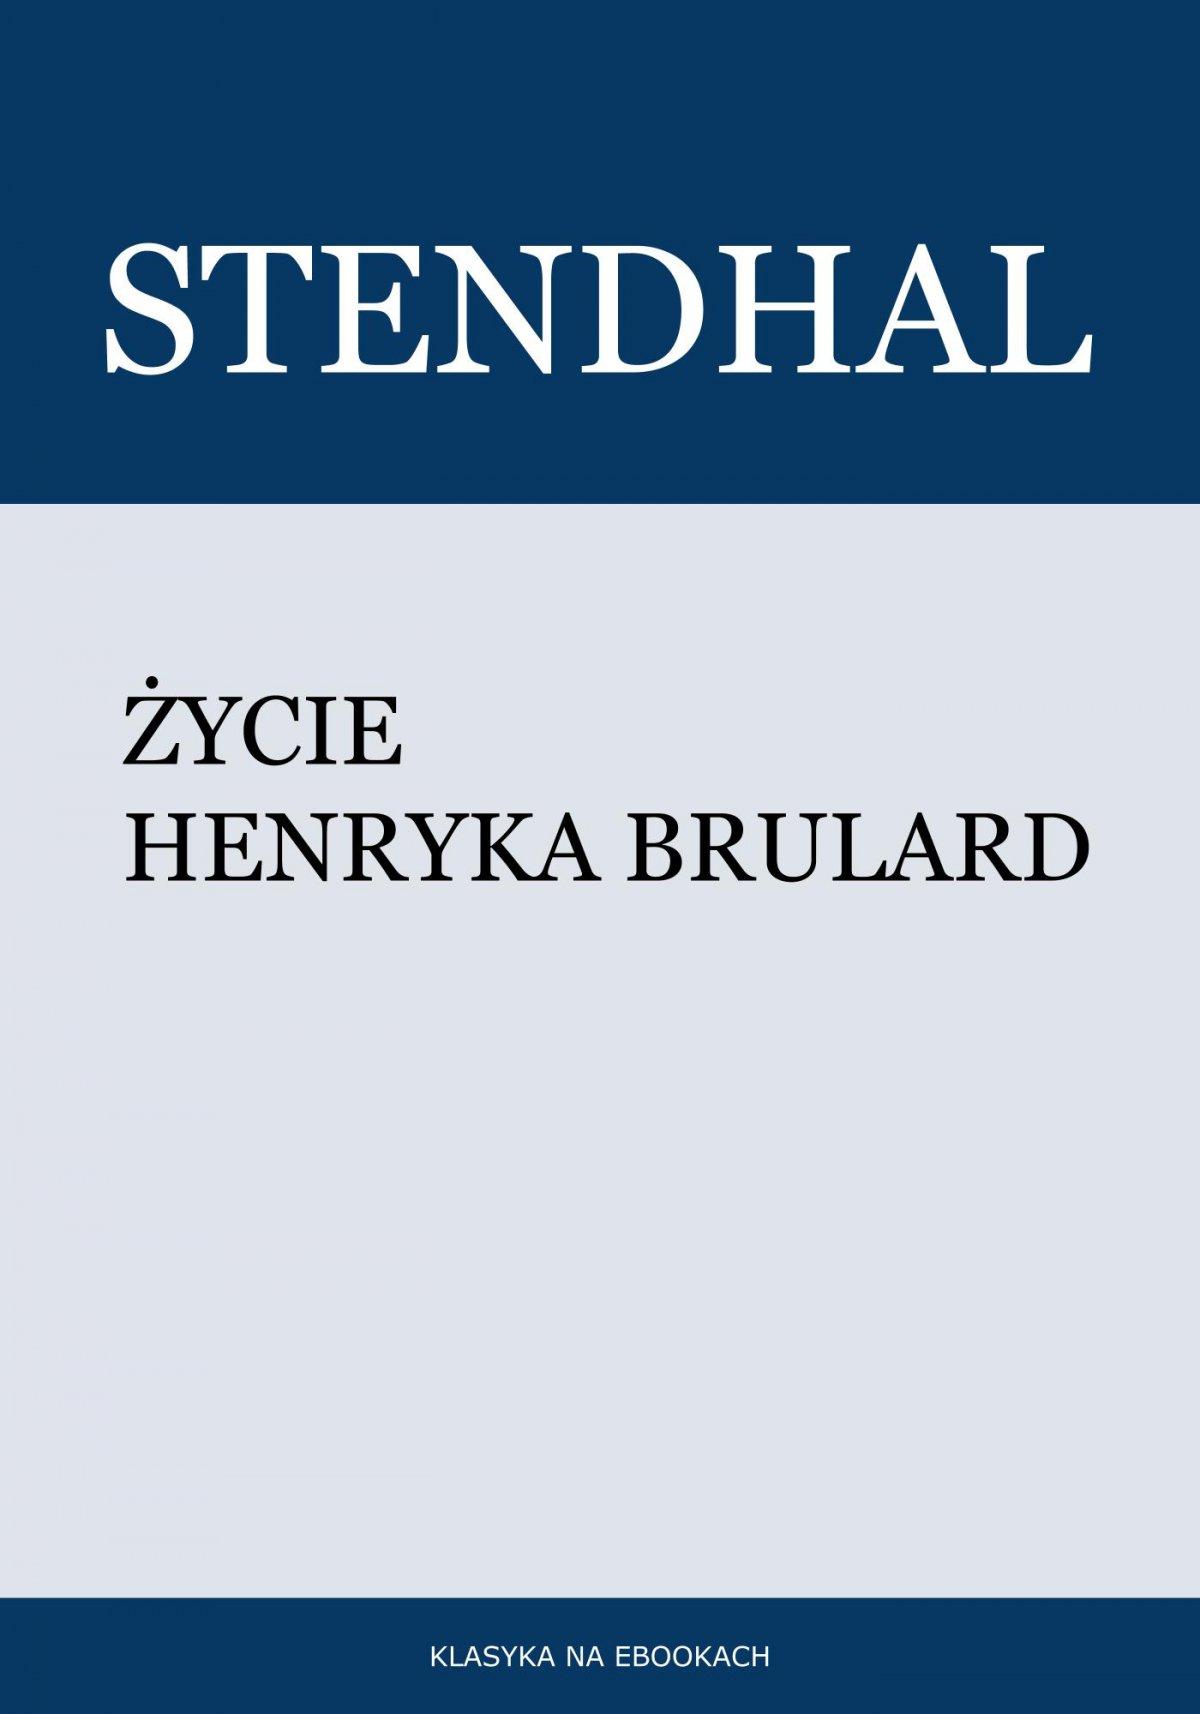 Życie Henryka Brulard - Ebook (Książka EPUB) do pobrania w formacie EPUB